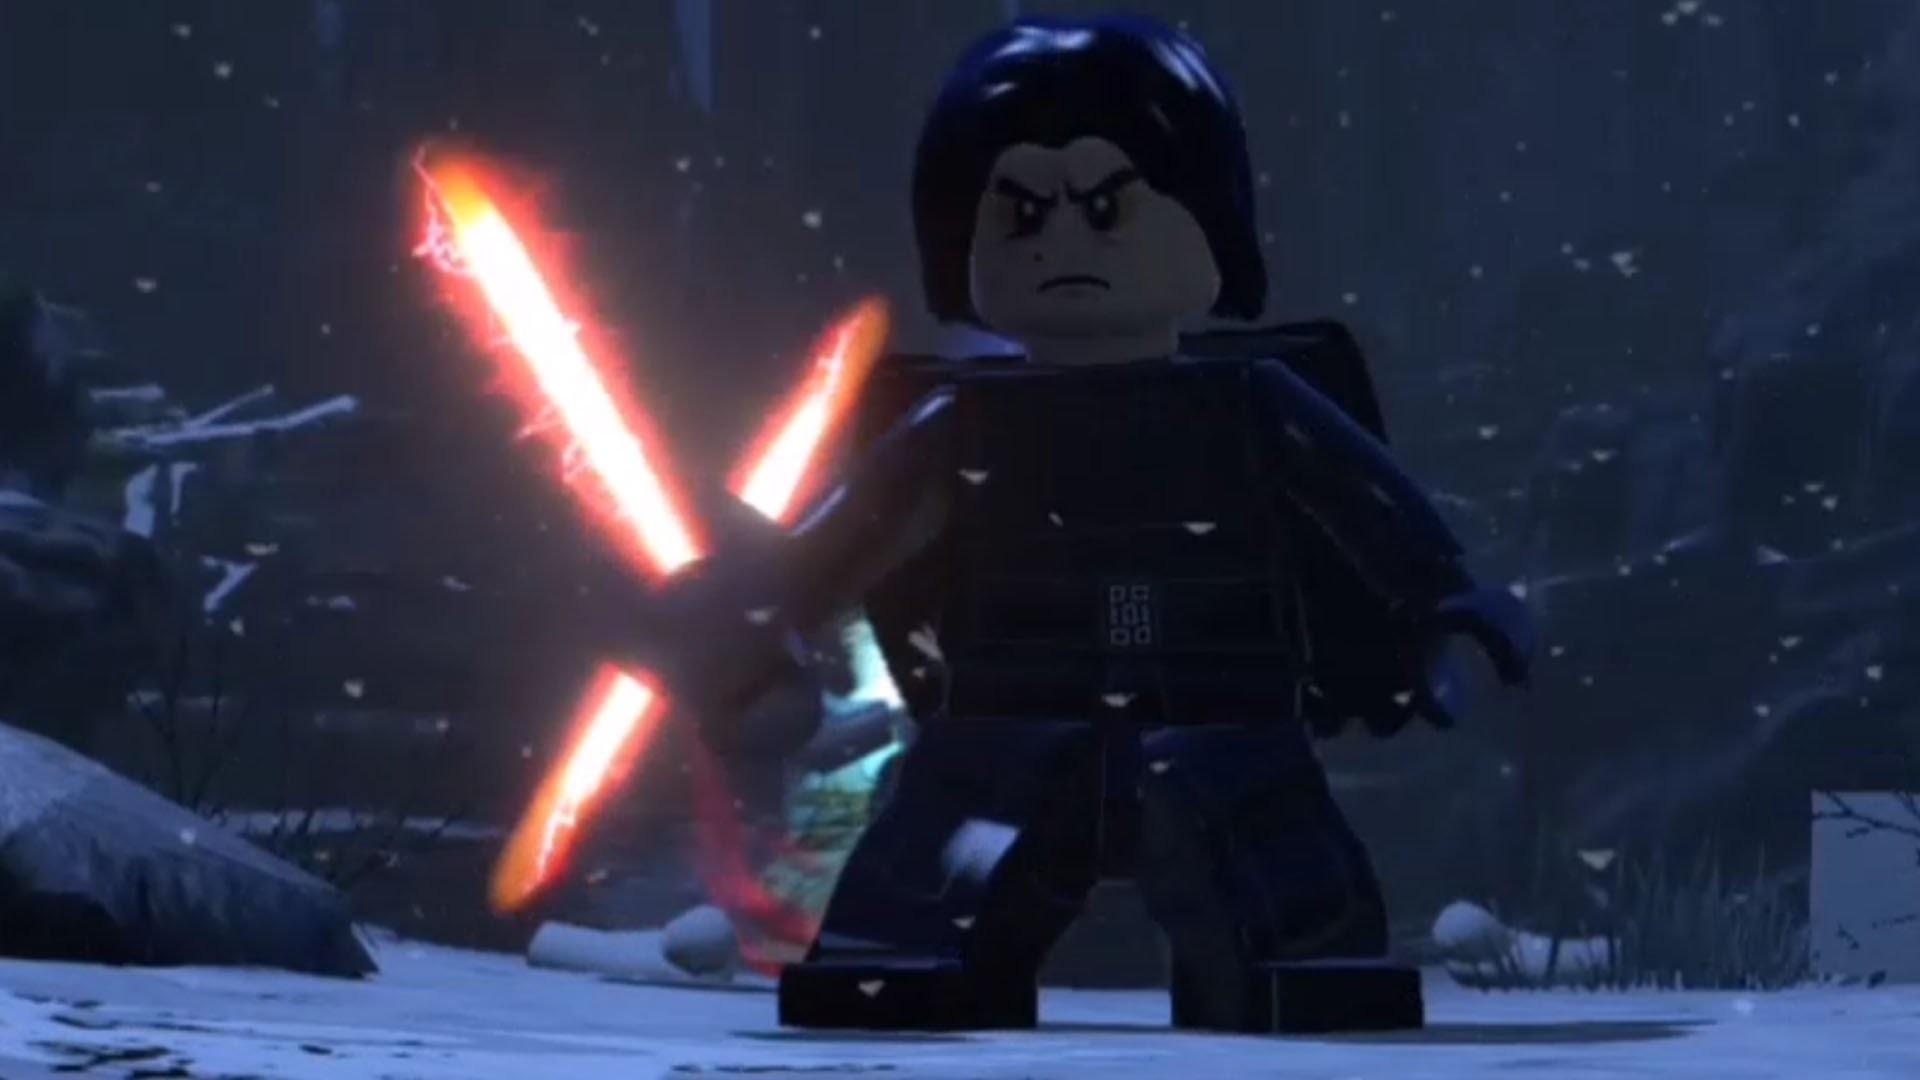 LEGO Star Wars: The Force Awakens – Kylo Ren | Final Boss Fight [HD] –  YouTube